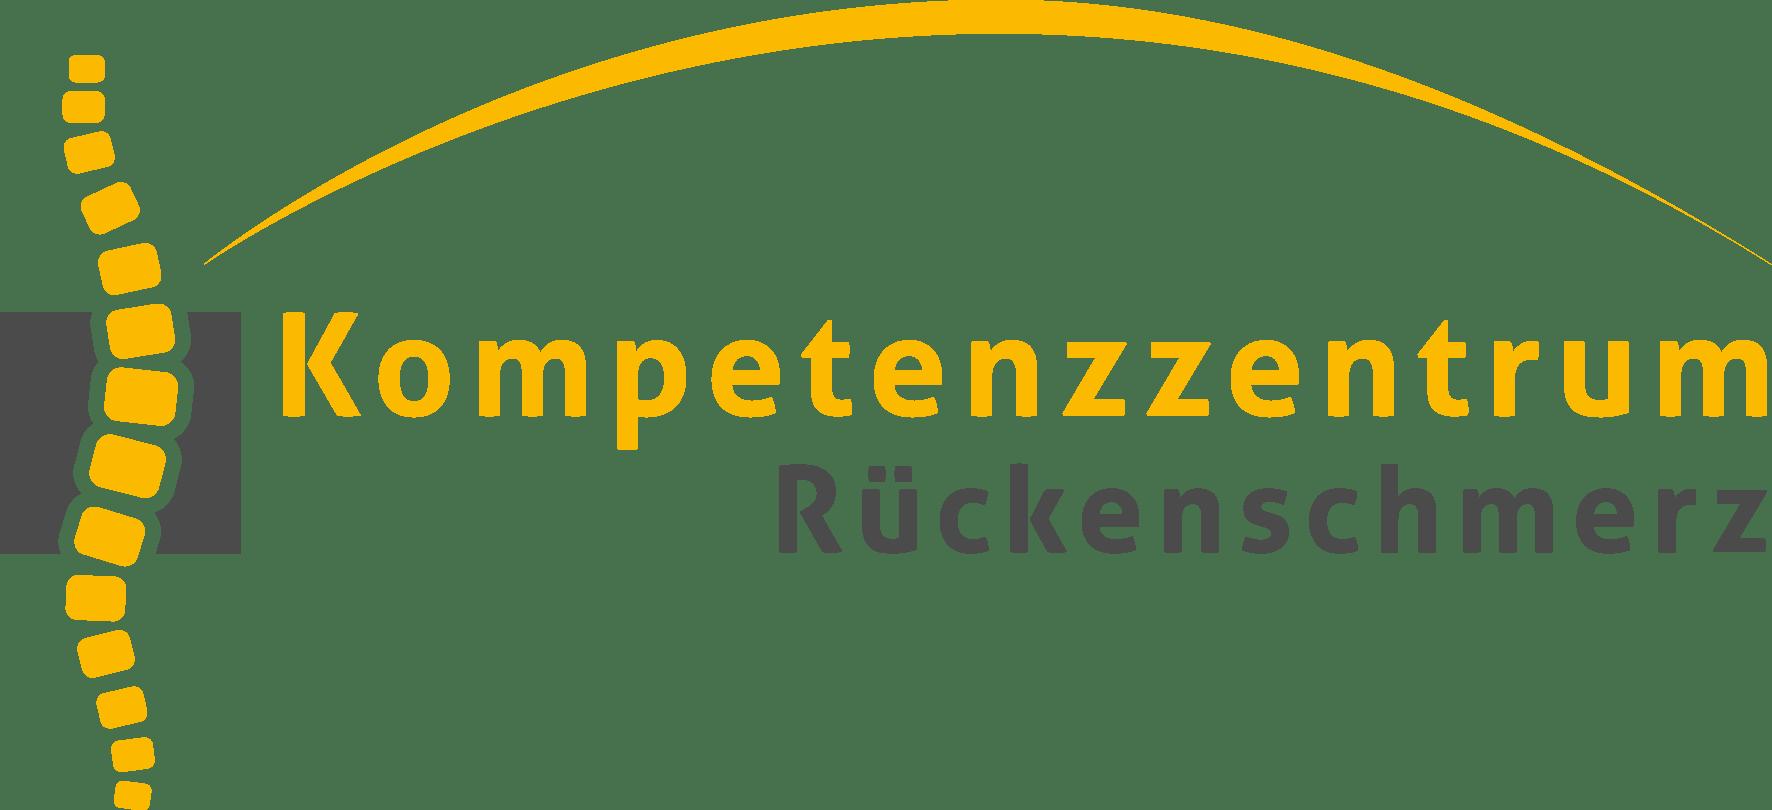 Rückenschmerz Kompetenzzentrum